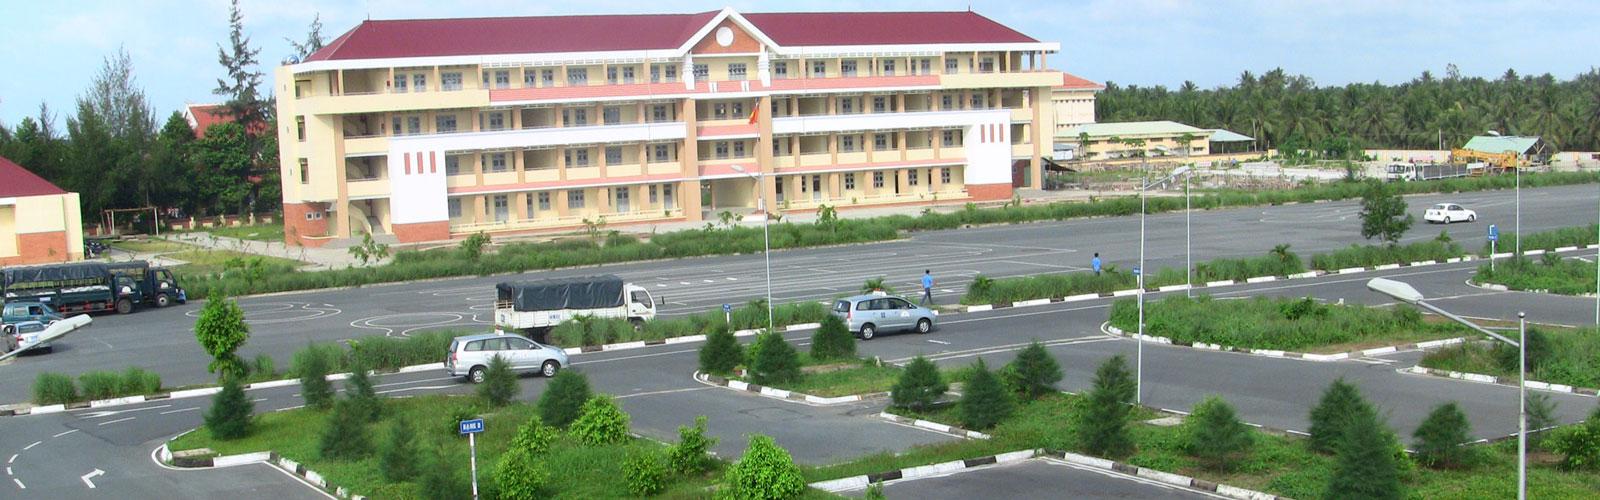 Trung tâm đào tạo lái xe ô tô hạng B1, B2, C số 1 Hà Nội